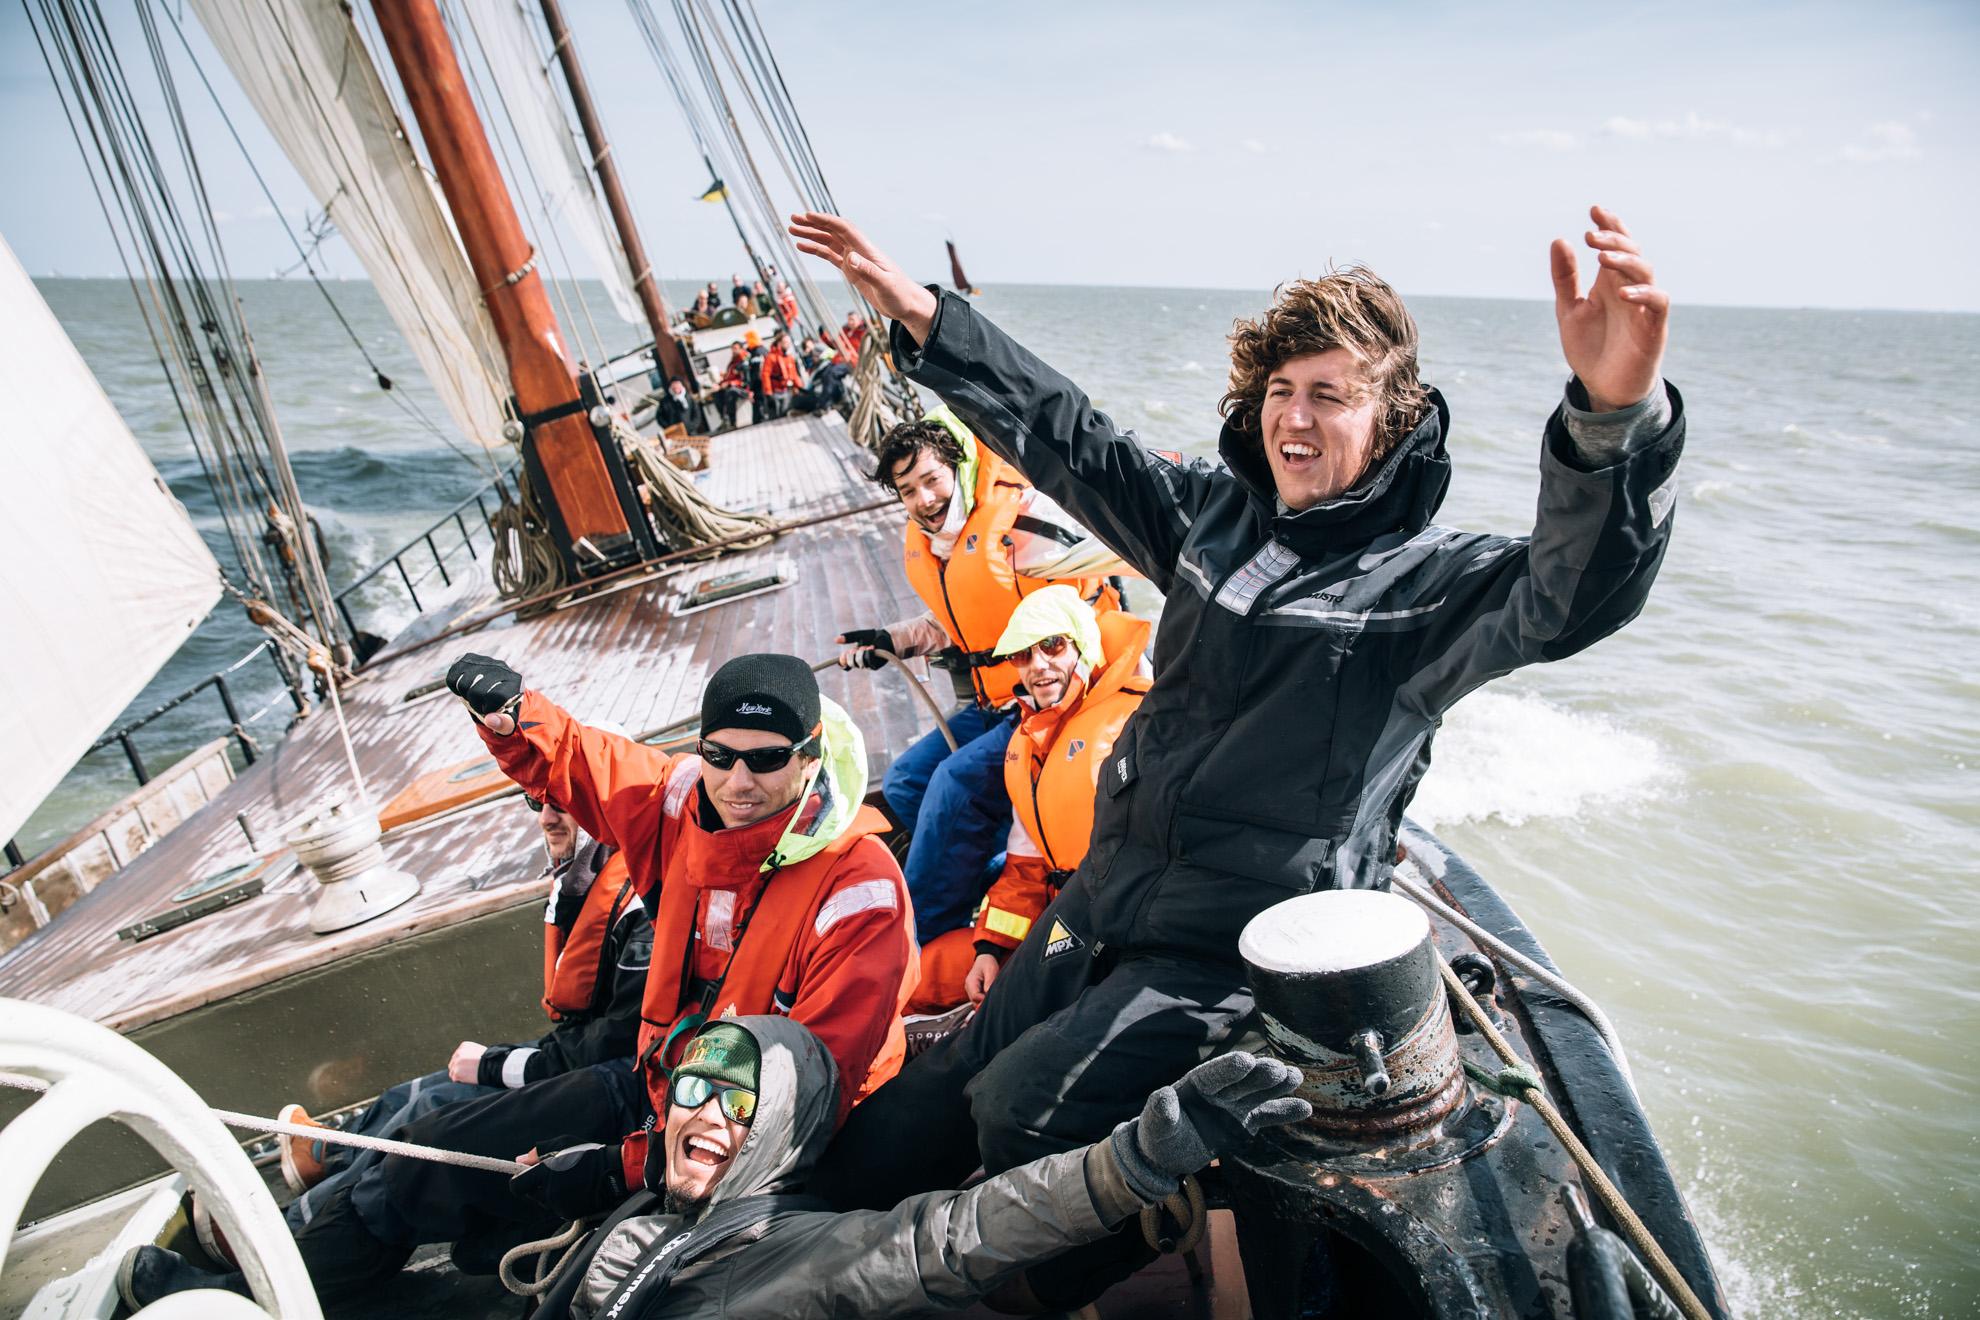 Clipper Race on the Avontuur, IJsselmeer, The Netherlands